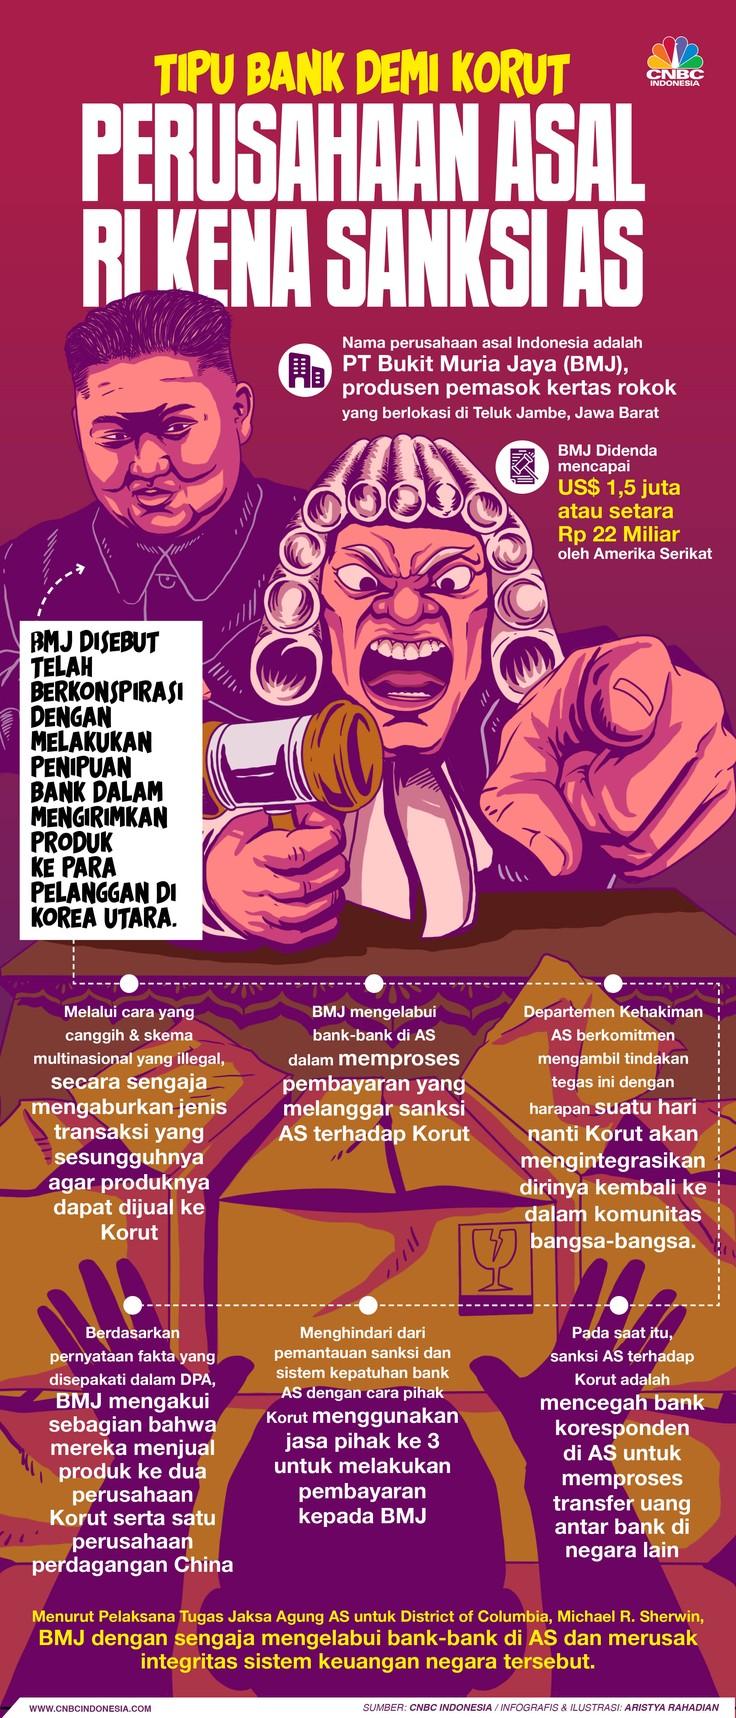 Infografis/Tipu Bank Demi Korut, Perusahaan Asal RI kena Sanksi AS/Aristya Rahadian